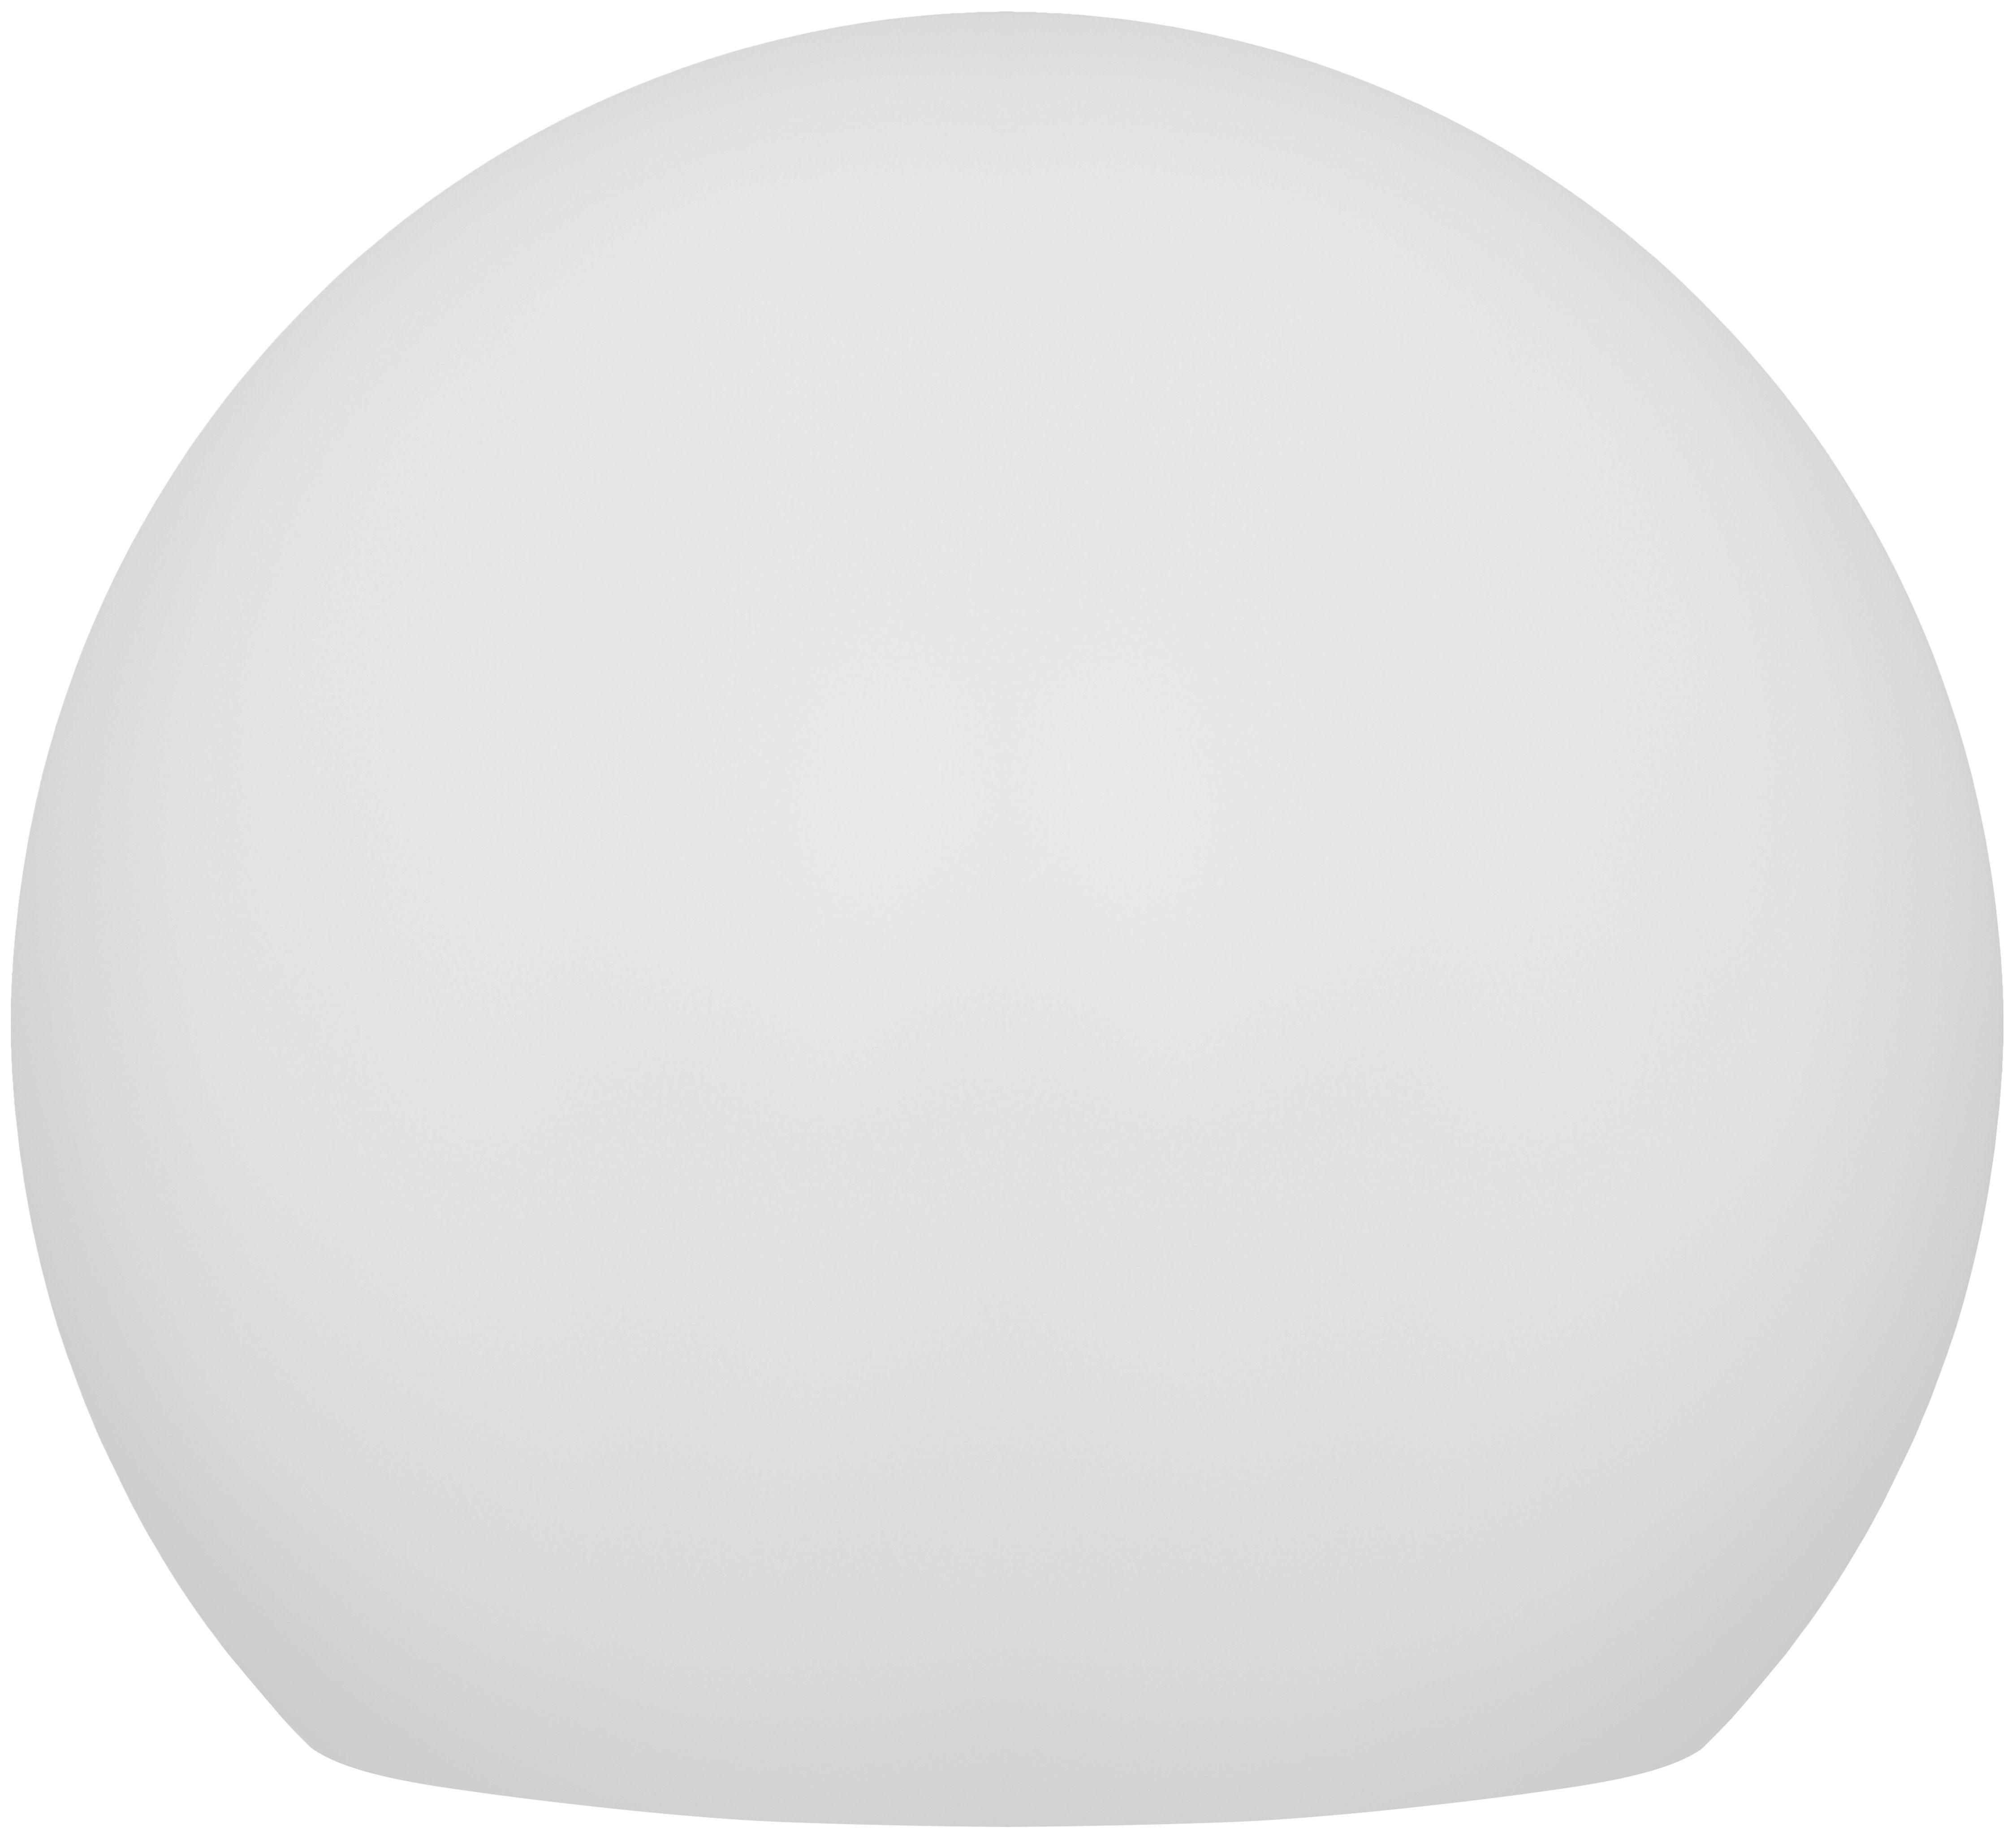 Telefunken RGB LED Außenbeleuchtung, 8 x 1,2 W »Solar Gartenleuchte Ball Connectivity 40 cm«